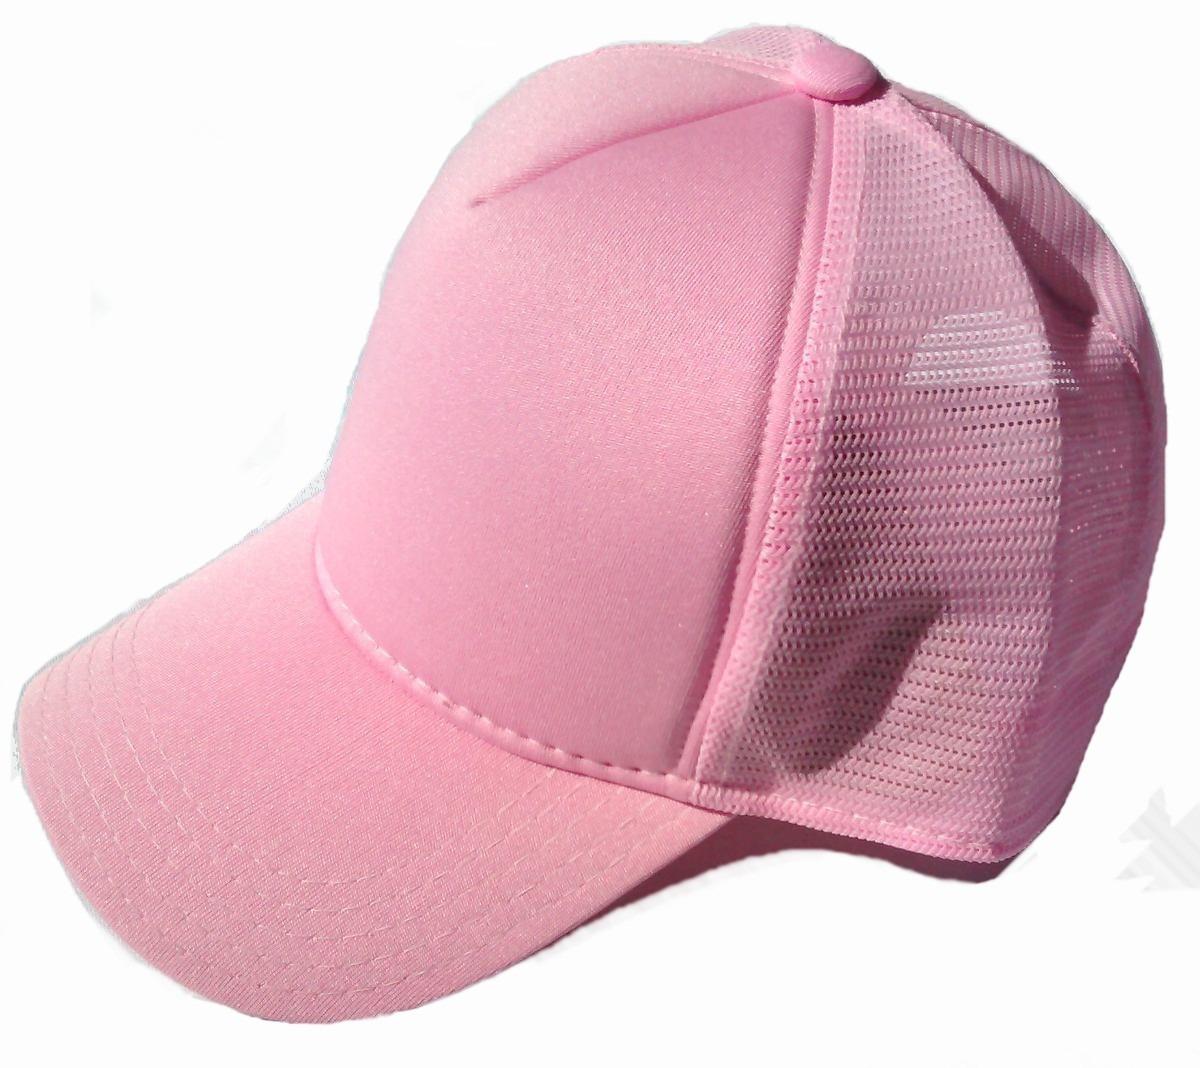 boné rosa liso telinha trucker redinha snapback aba curva. Carregando zoom. 5d5bc34280e